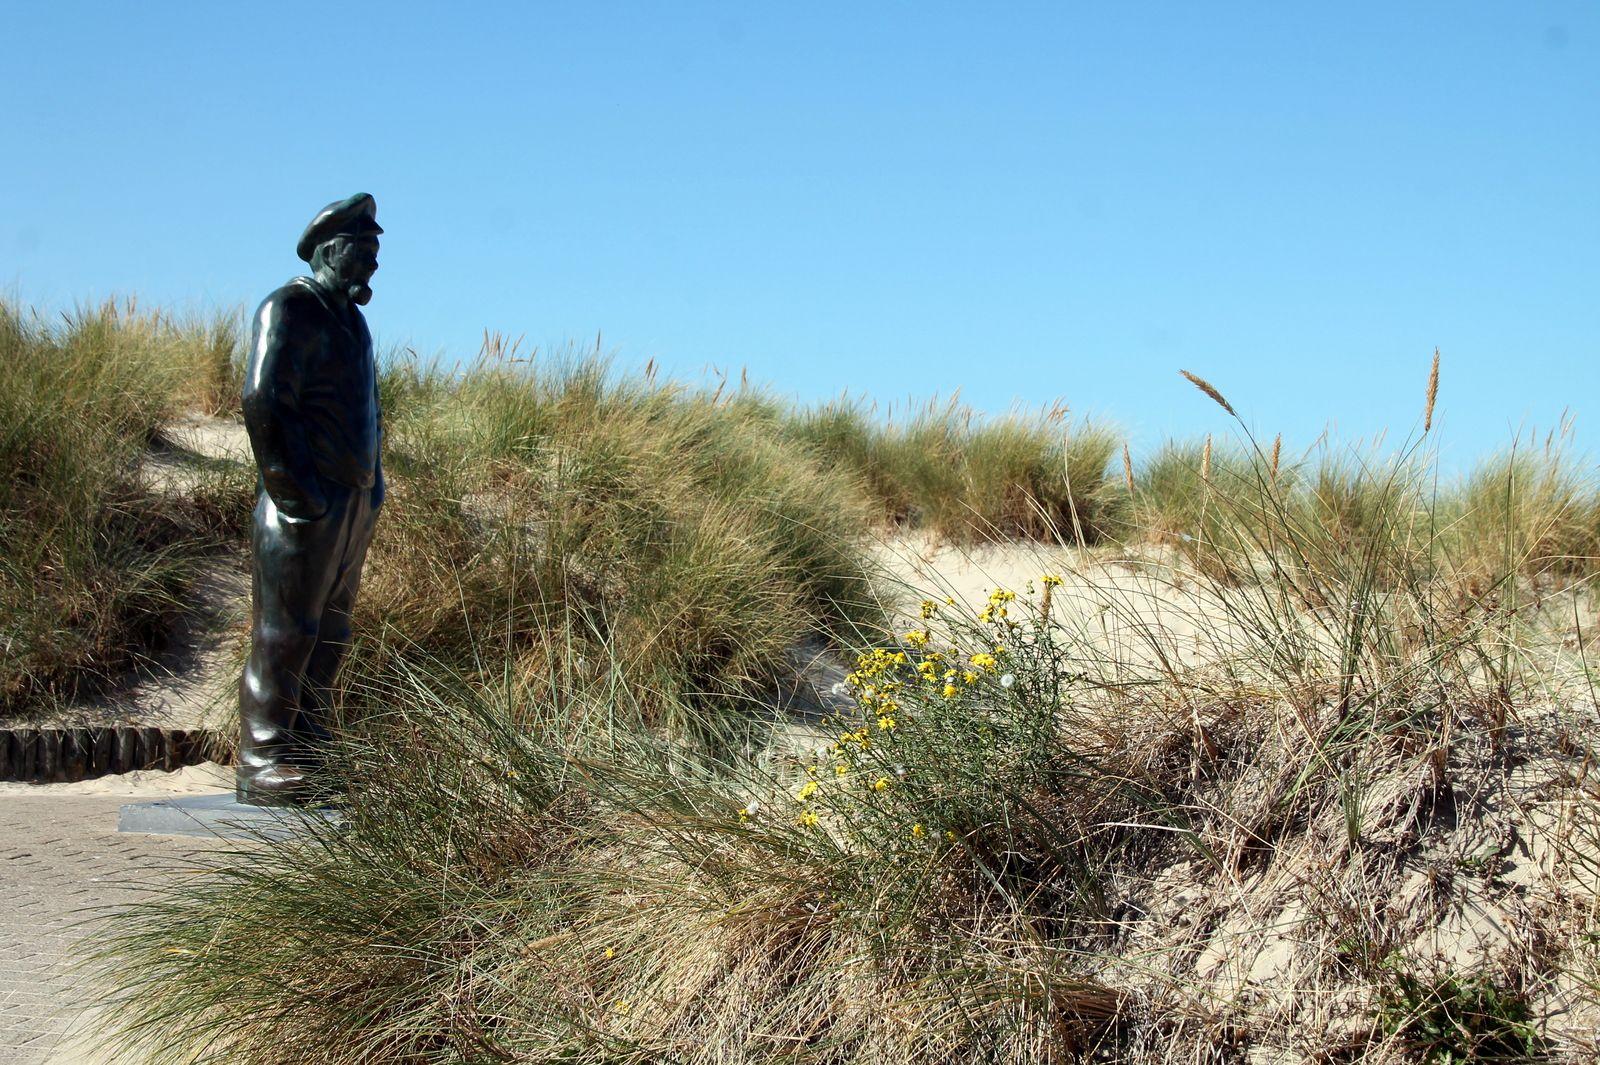 Mulet à la provençale - Balade sur la côte belge à La Panne